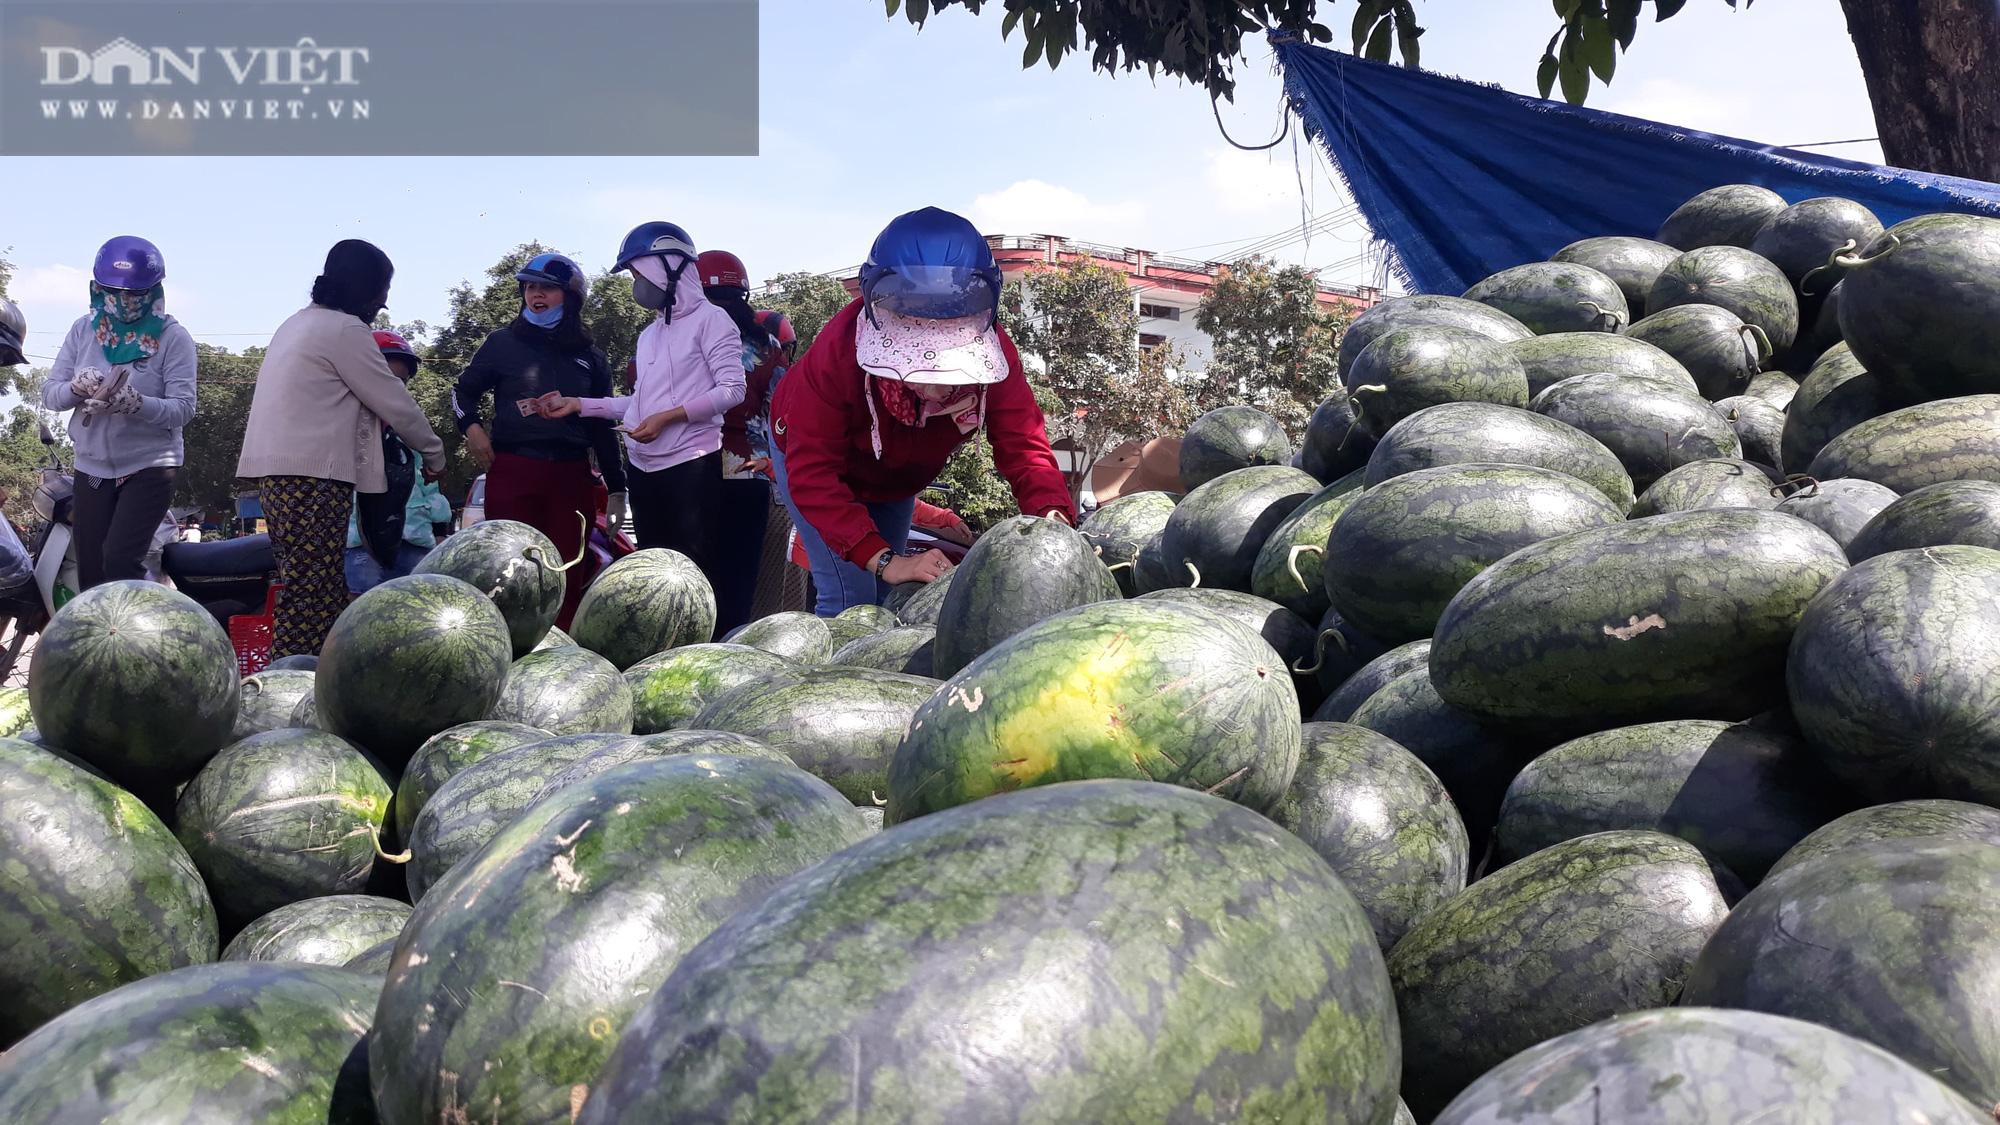 """Bình Định: Quả """"da xanh, ruột đỏ"""" được mua tại ruộng với giá 7.000 đồng/kg, người nông dân kỳ vọng có lãi  - Ảnh 2."""